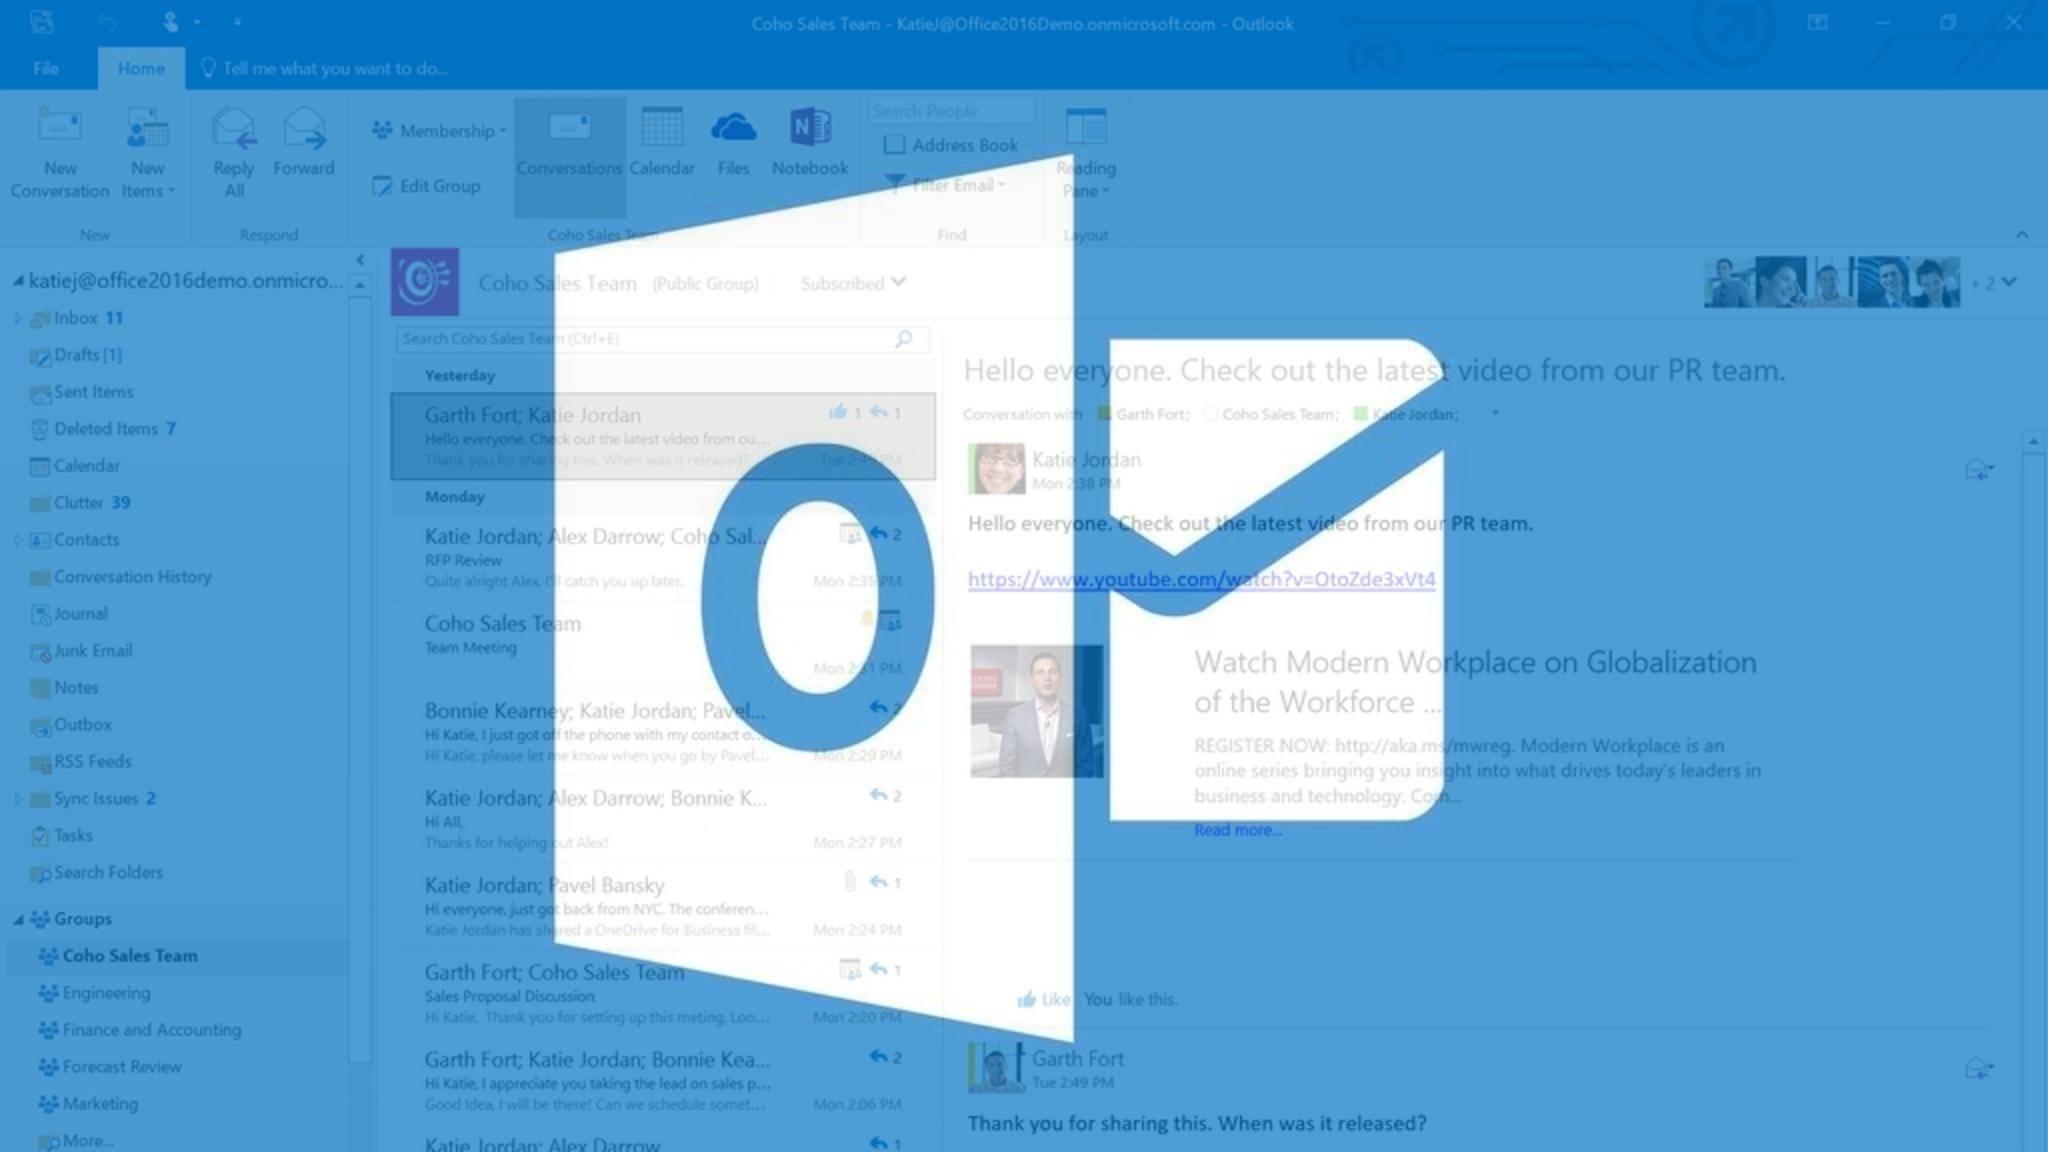 Wie Du Bilder in Outlook downloaden kannst, erfährst Du jetzt.